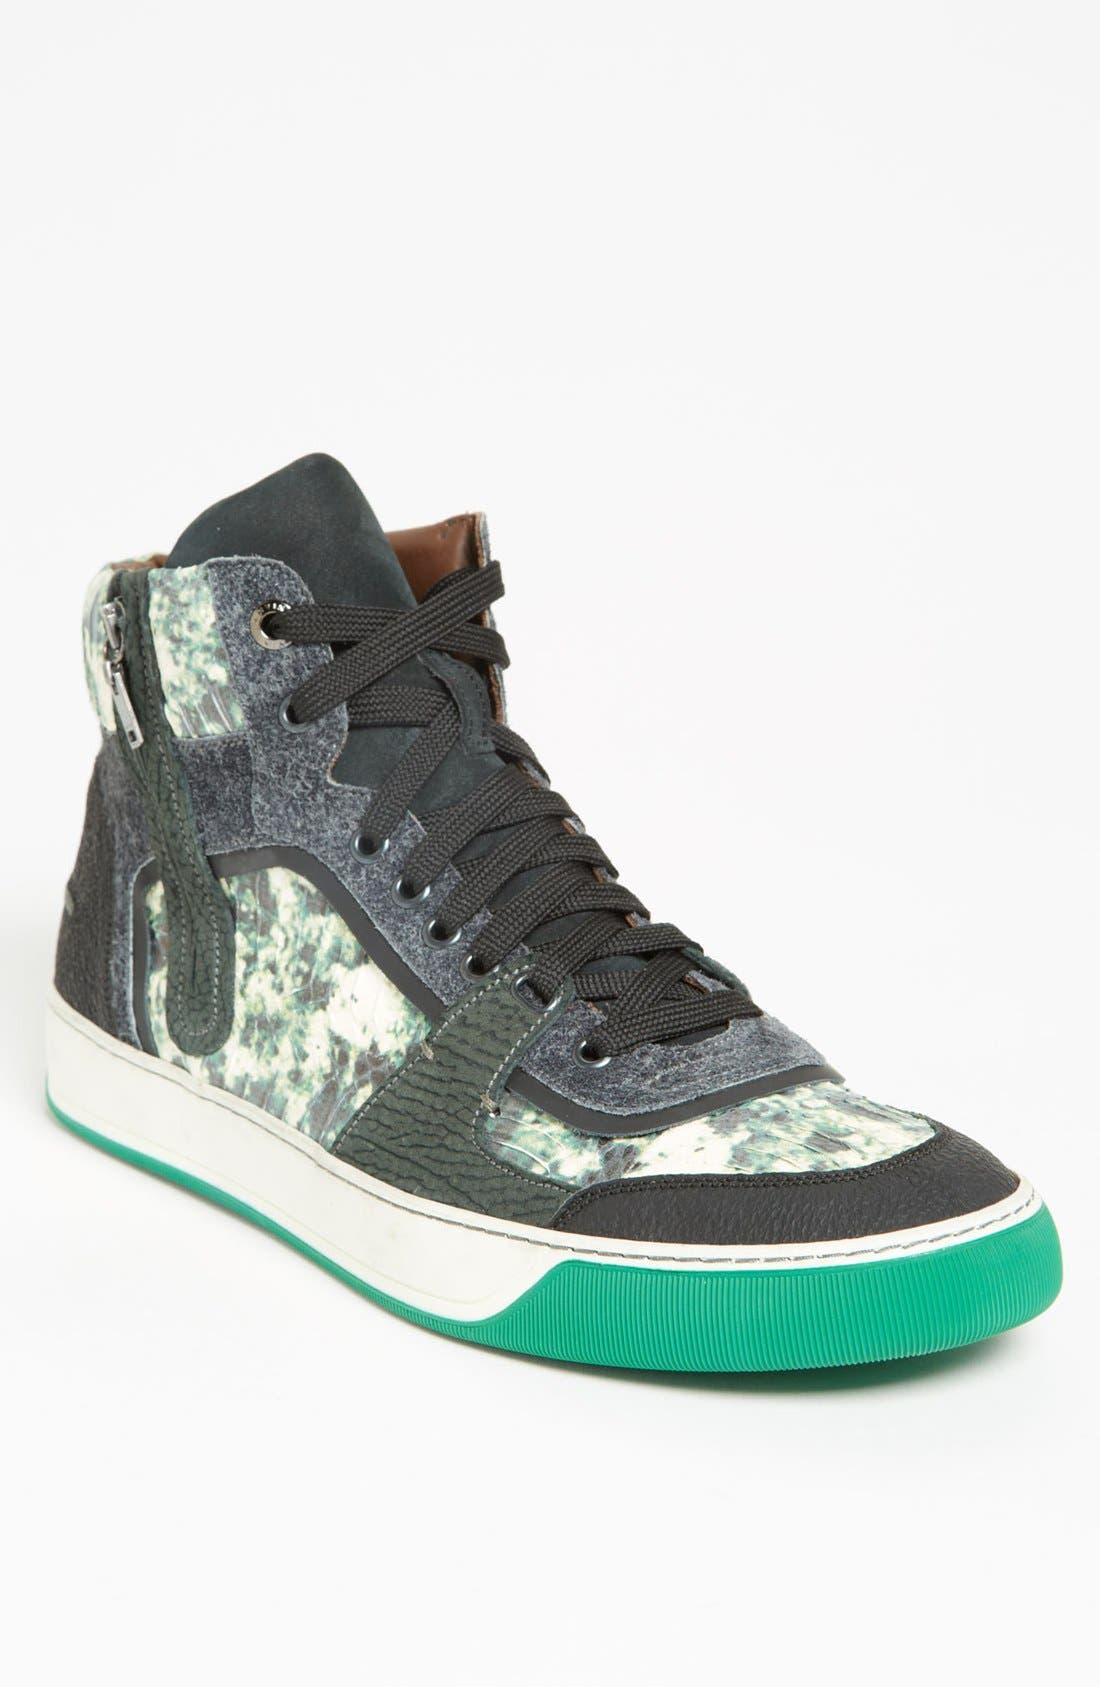 Alternate Image 1 Selected - Lanvin High Top Sneaker (Men)